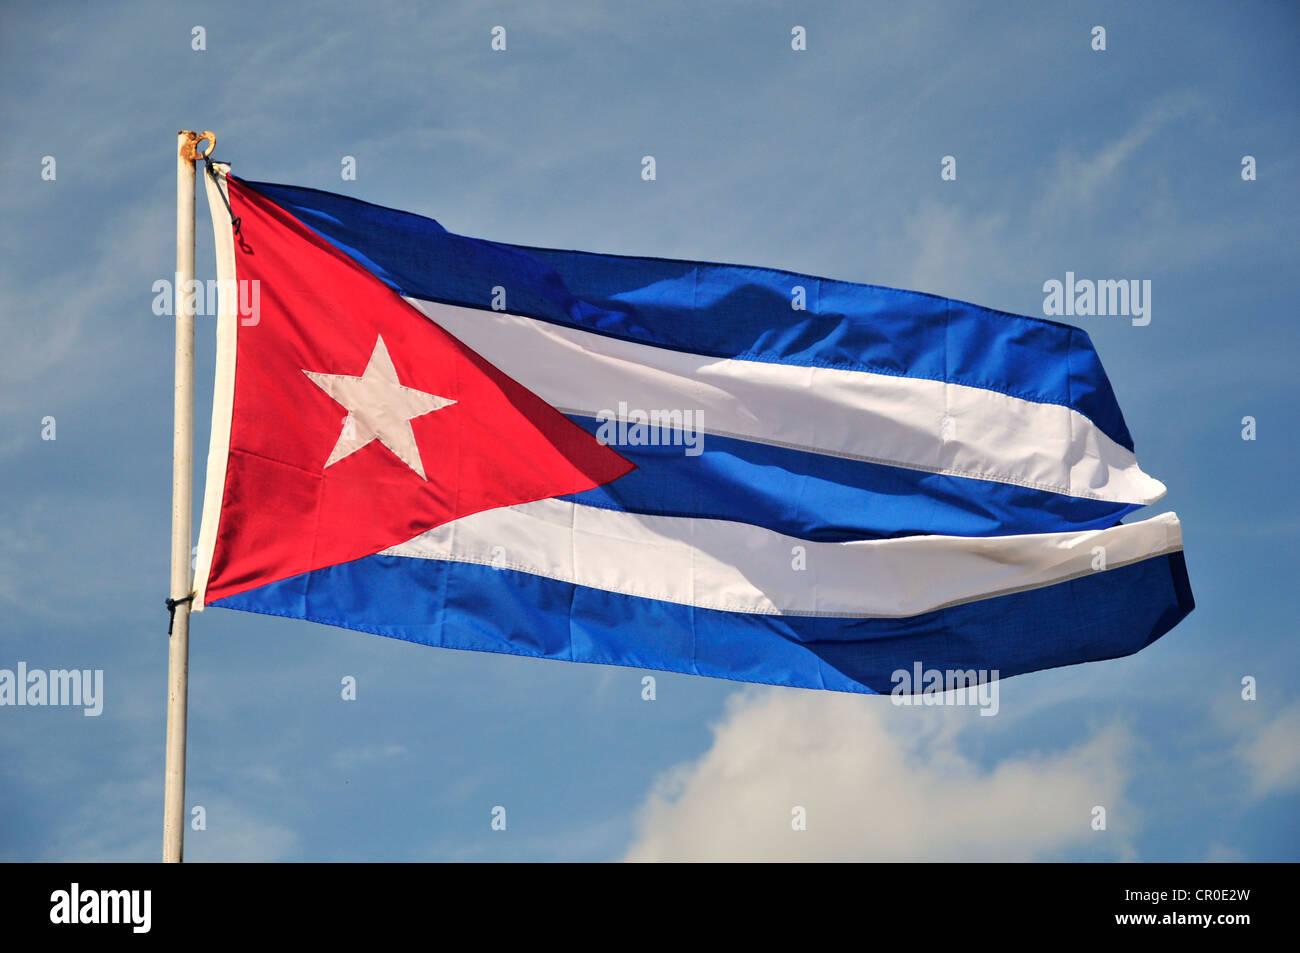 Kubanische Flagge, Havanna, Kuba, Caribbean Stockbild